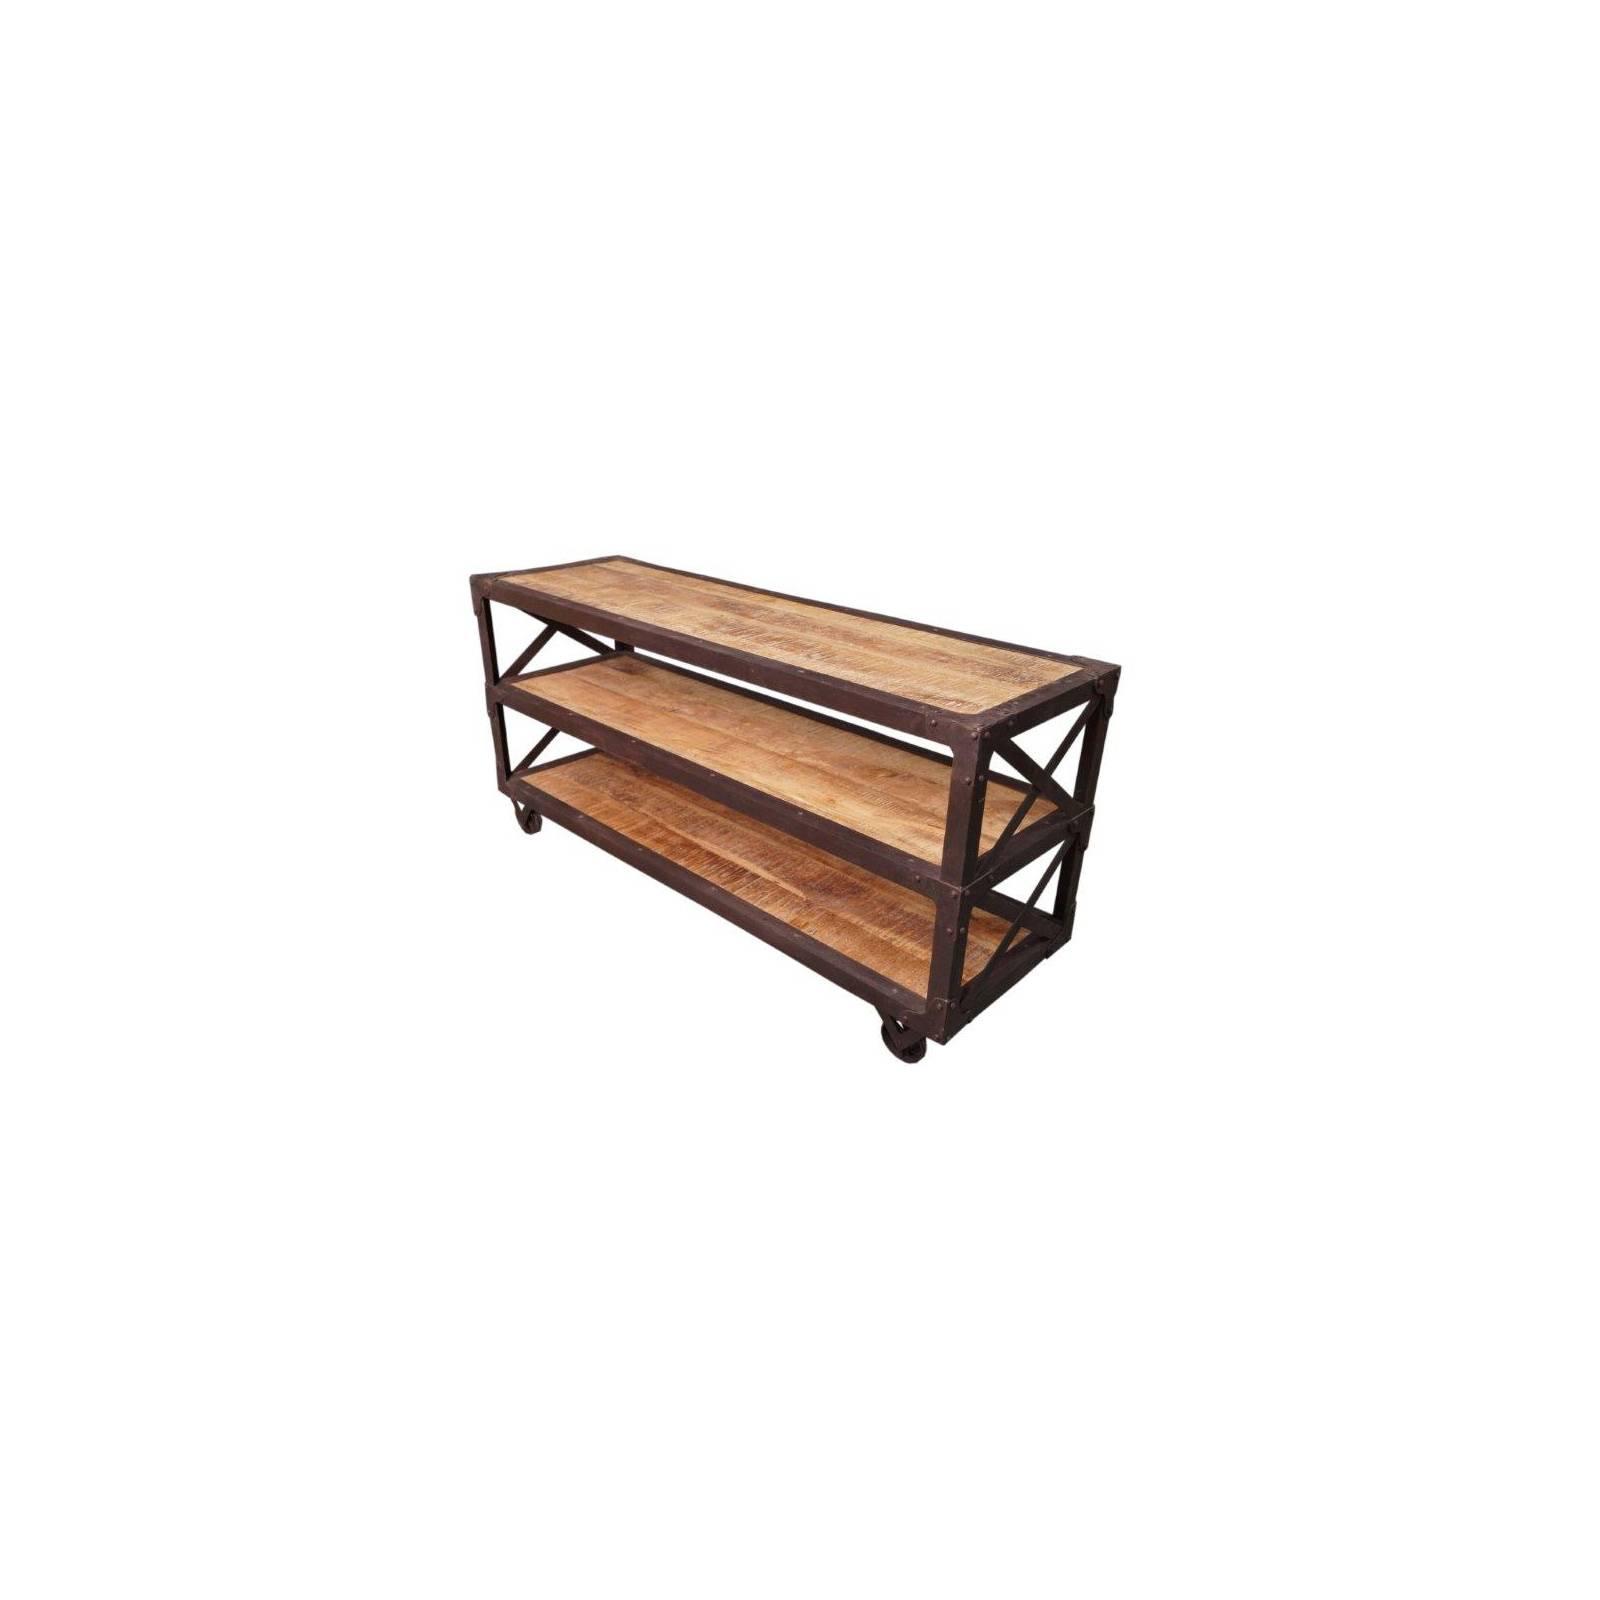 Console à roulettes en bois exotique et fer forgé Fabric